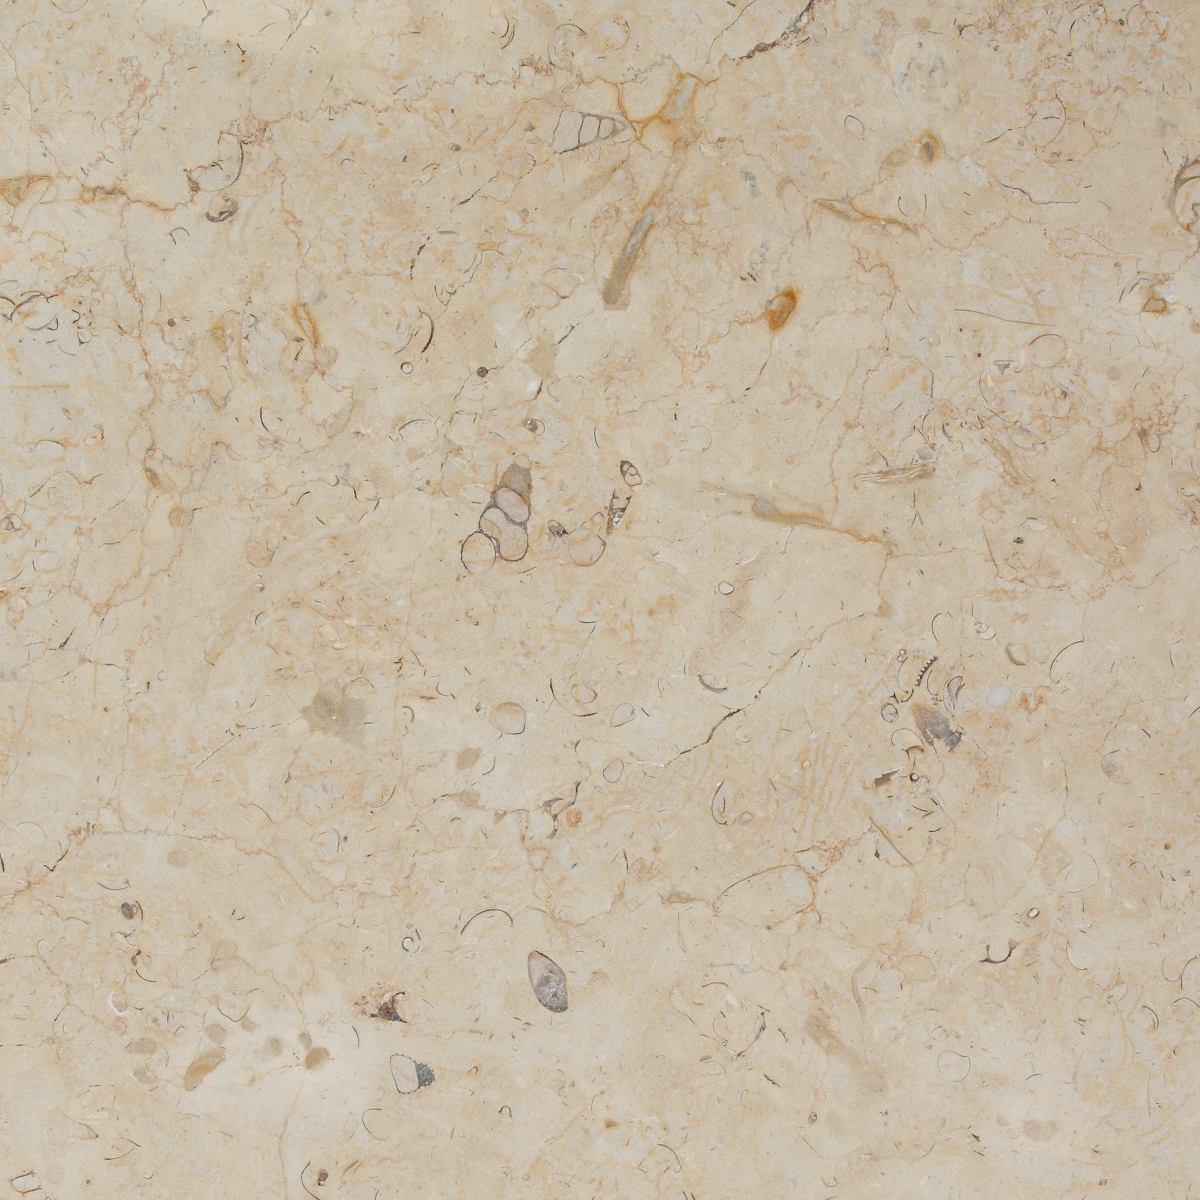 Fotos de piso de marmol crema marfil en colombia bogot for Marmol travertino pulido